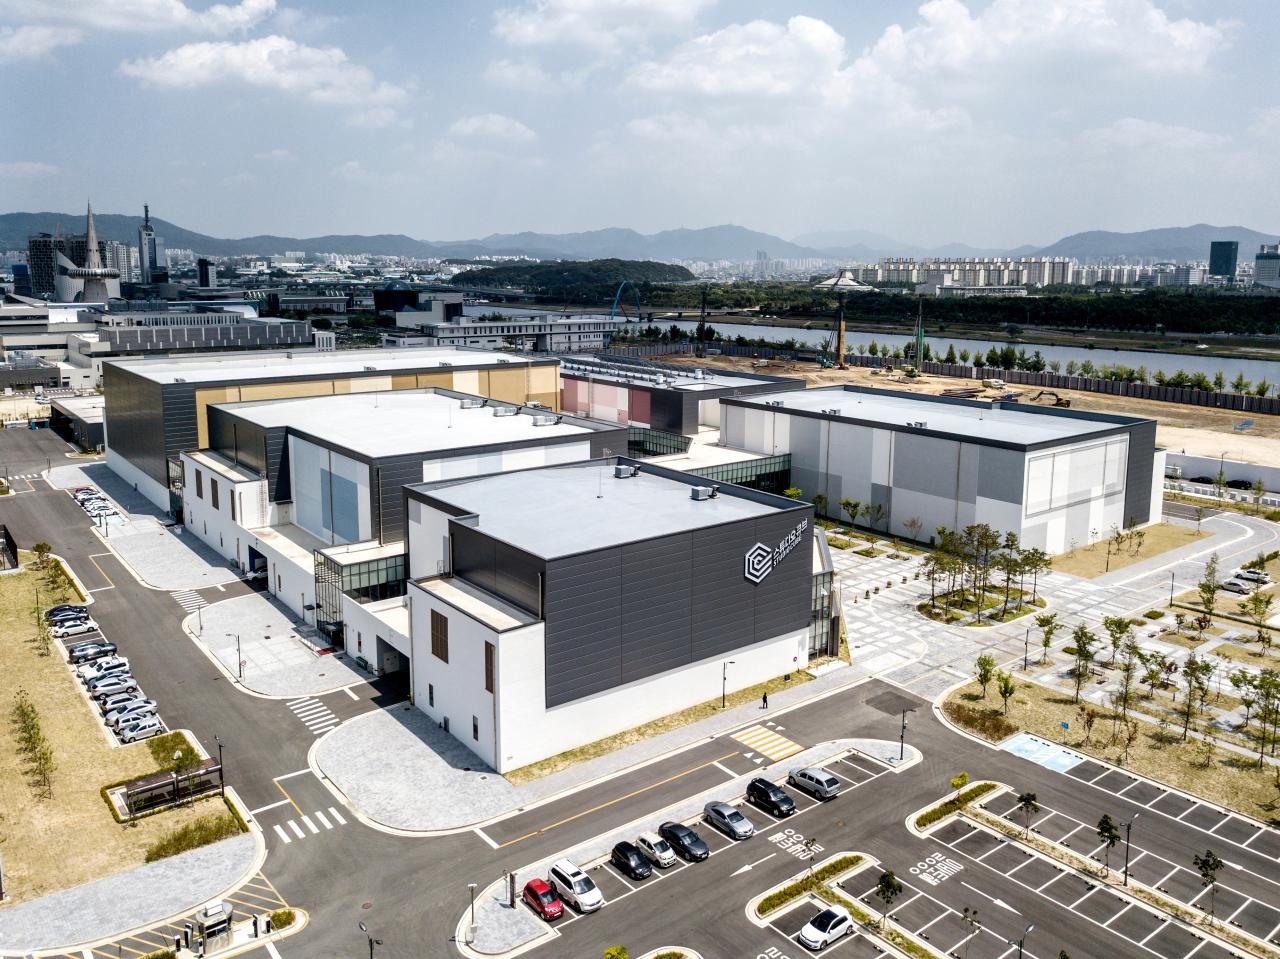 Studio Cube in Daejeon (KCCA)